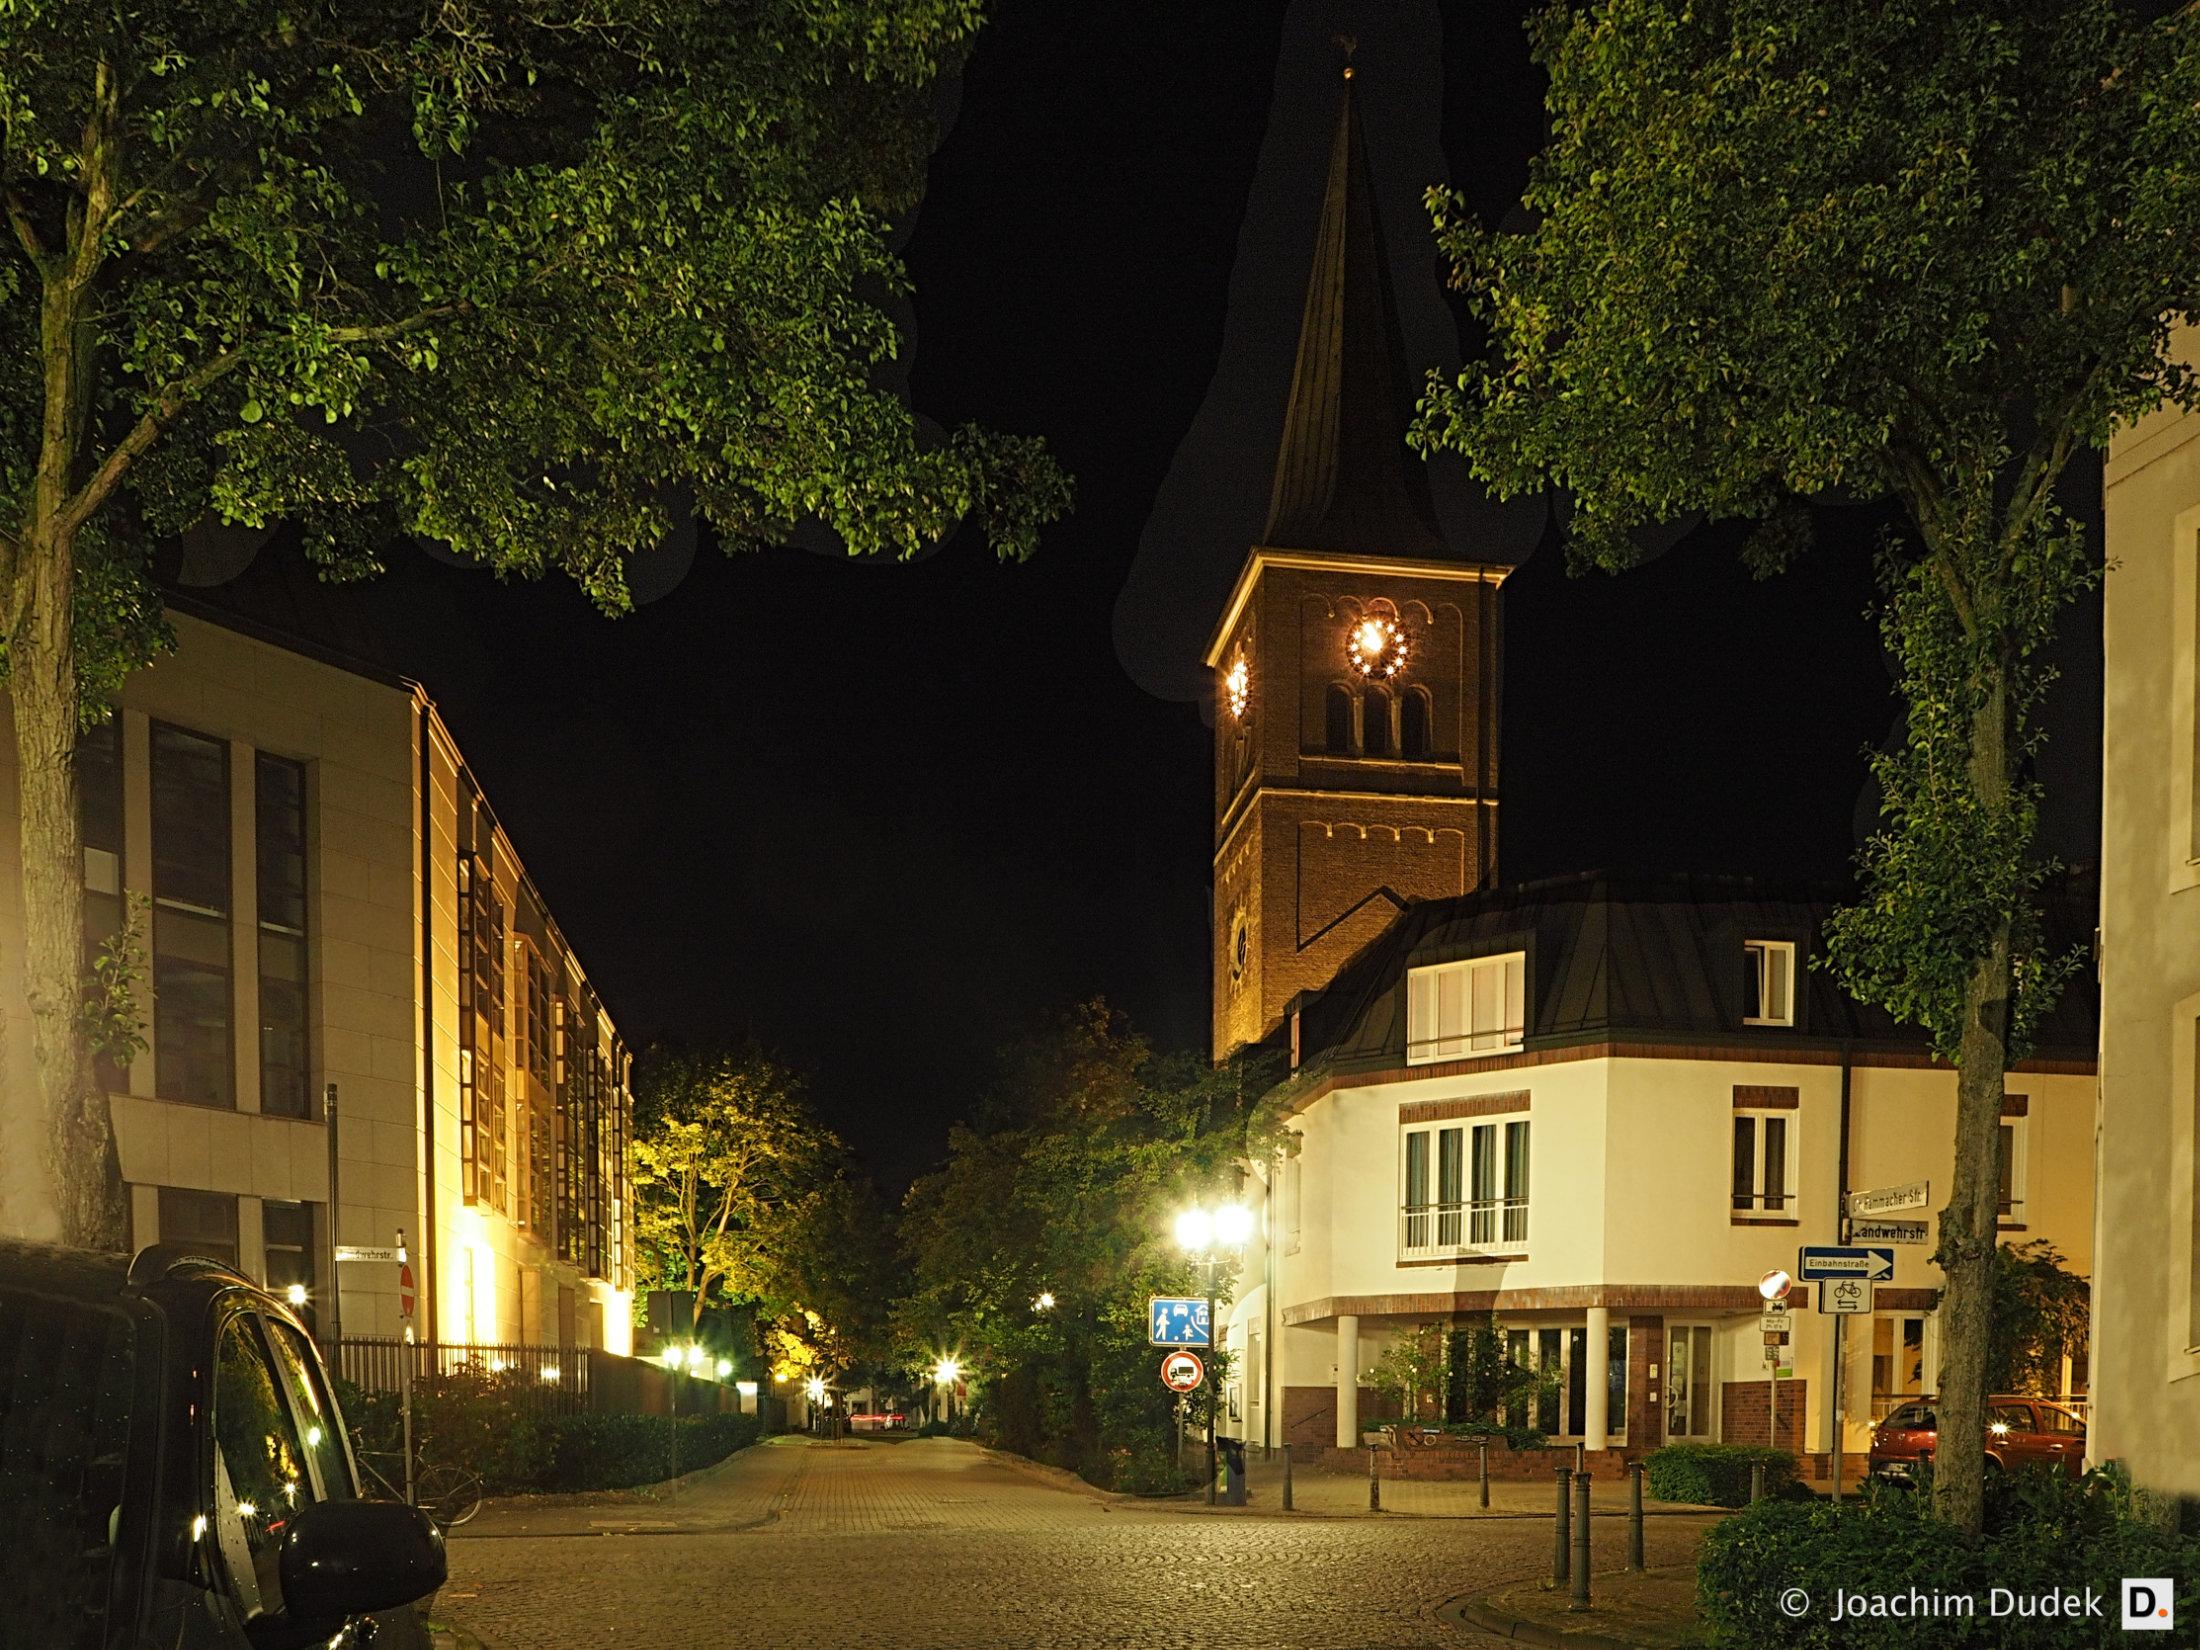 Duisburg-Ruhrort, Dr.-Hammacher-Straße